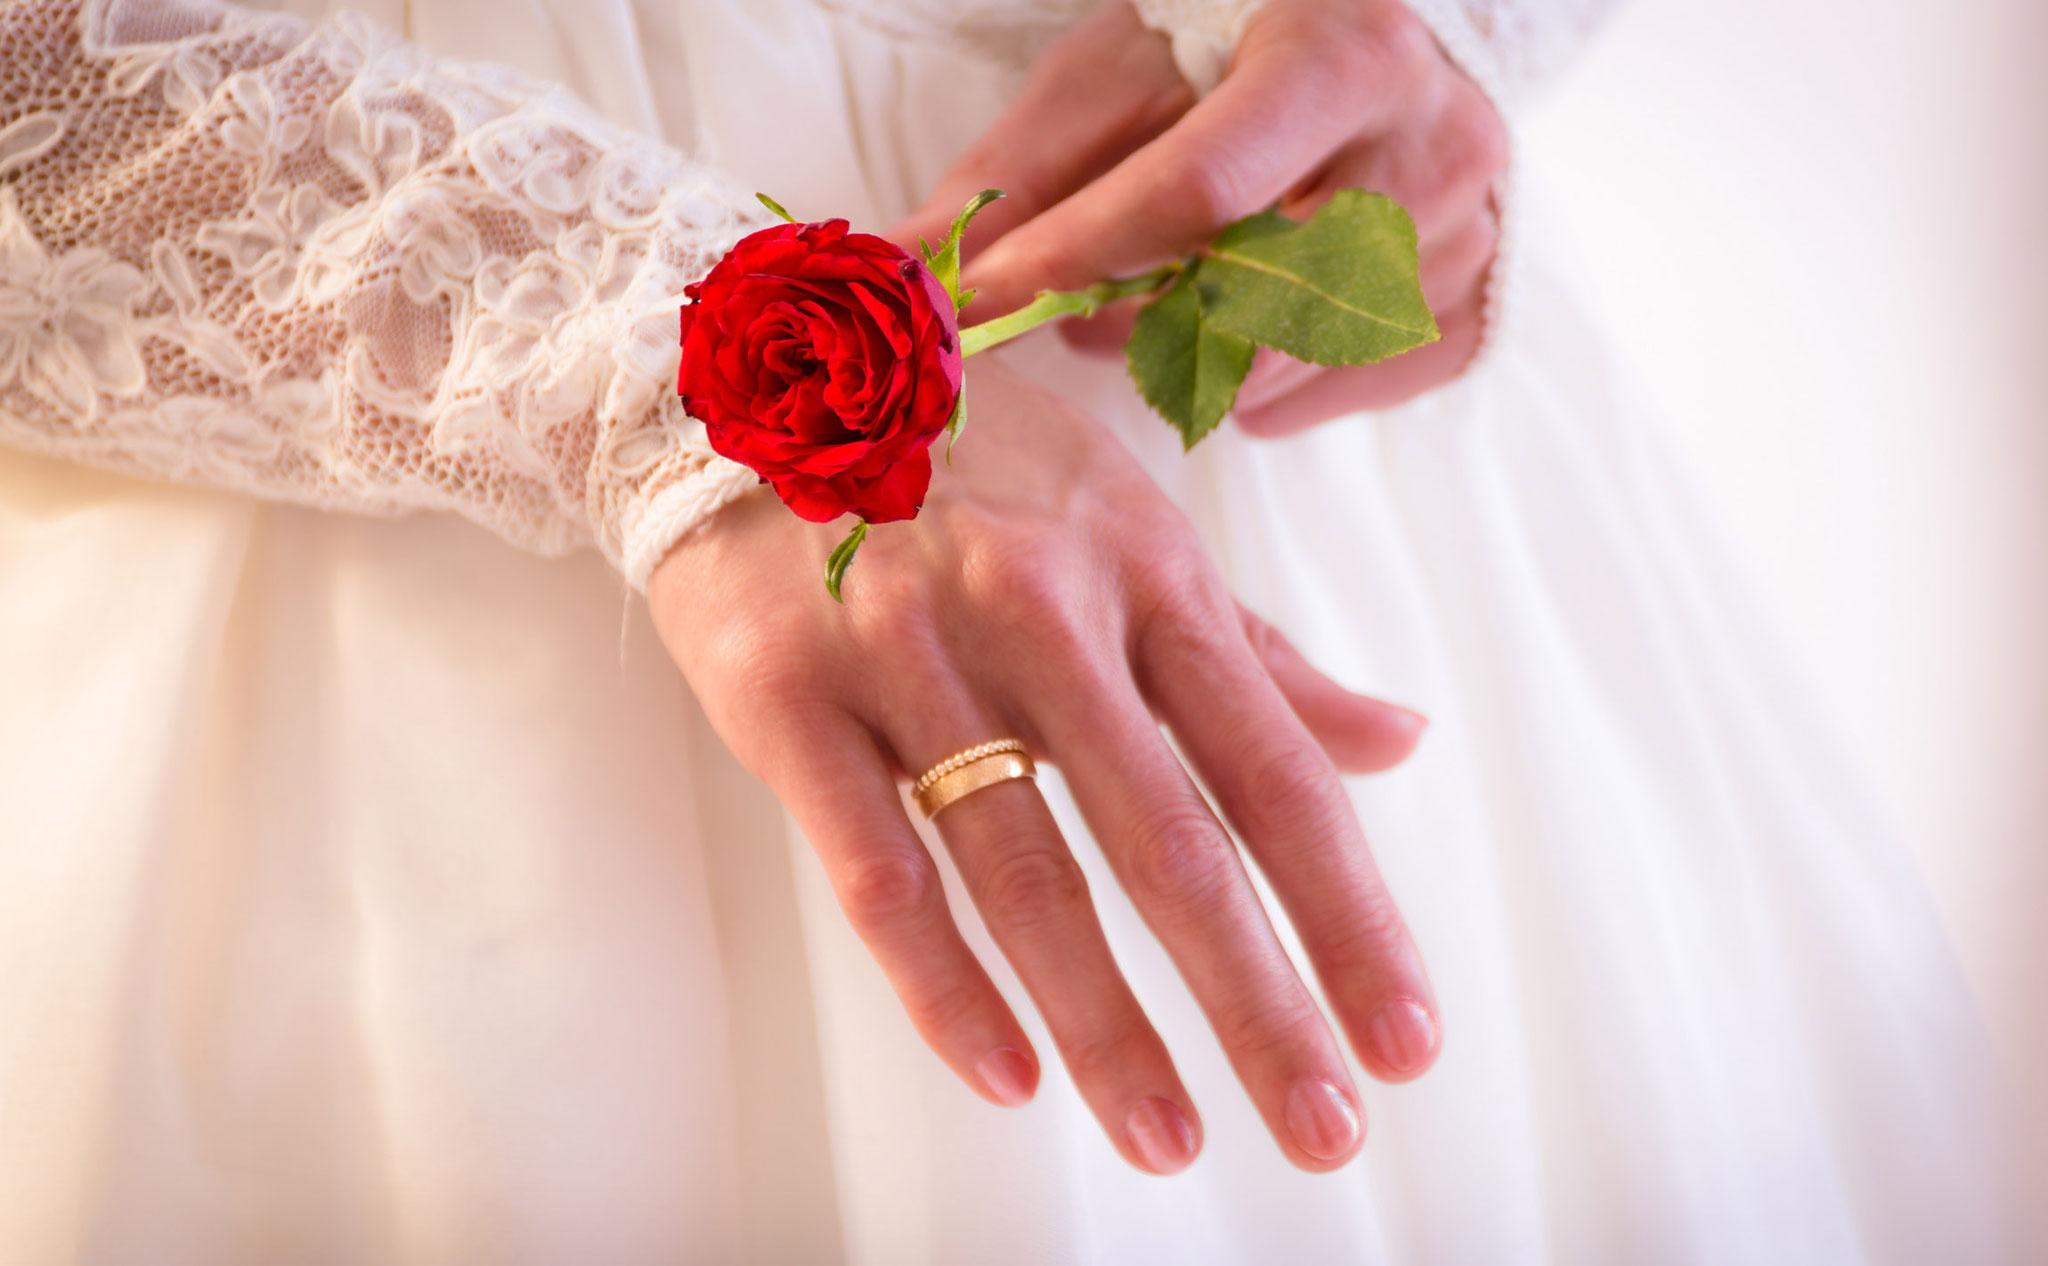 Braut-Fotoshooting mit roter Rose